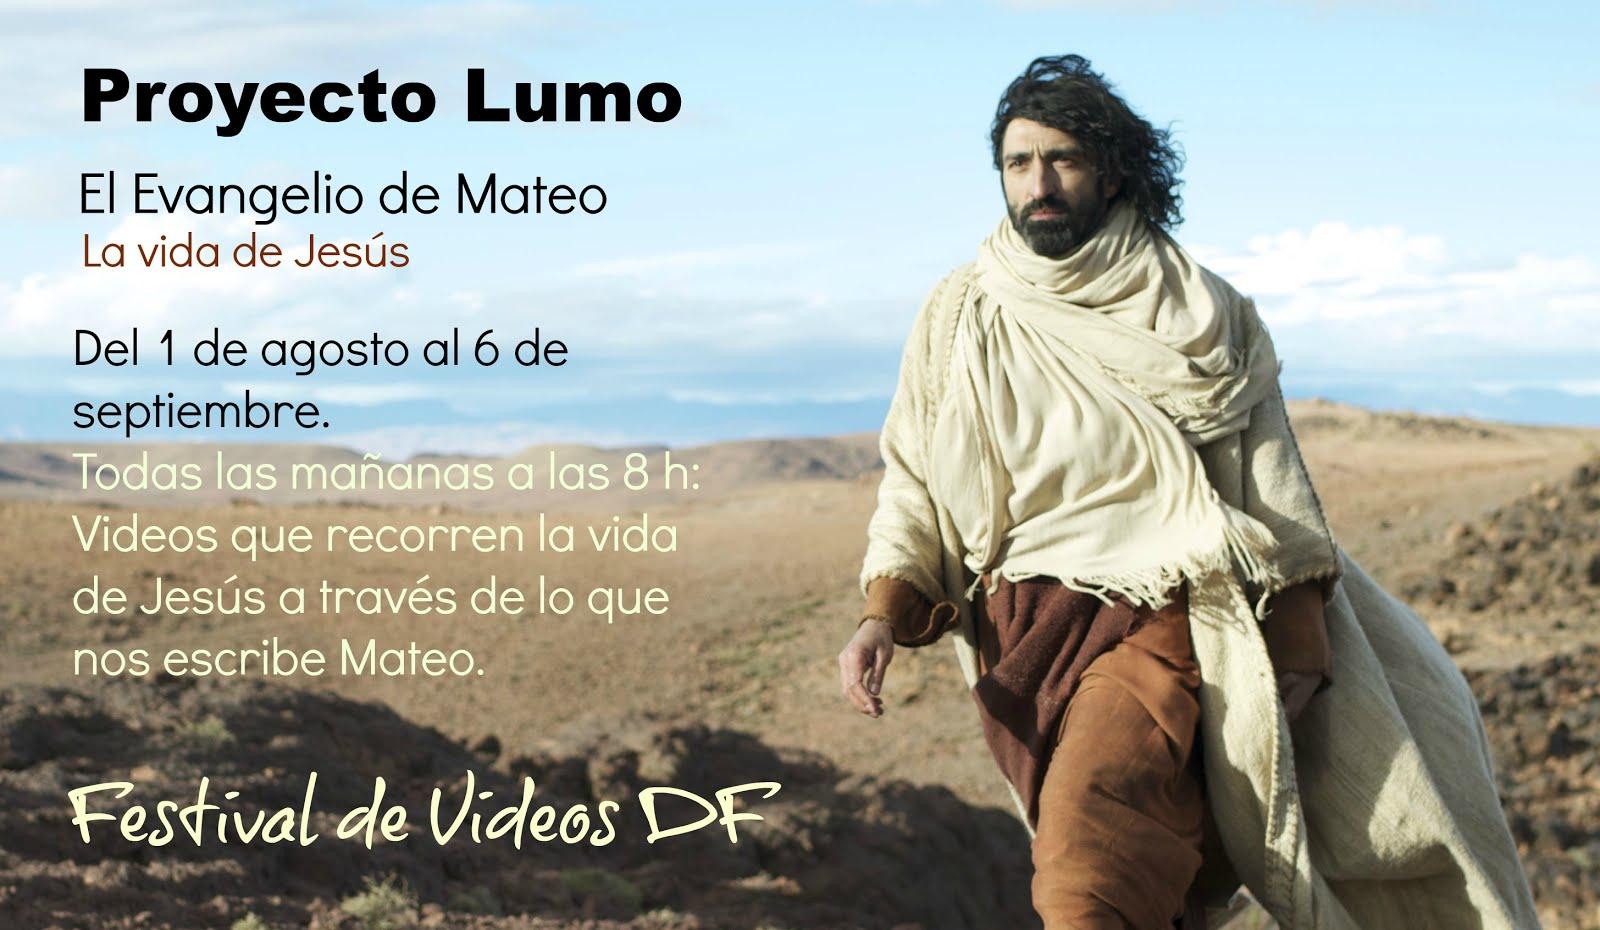 FESTIVAL DE VIDEOS DF - LA VIDA DE CRISTO